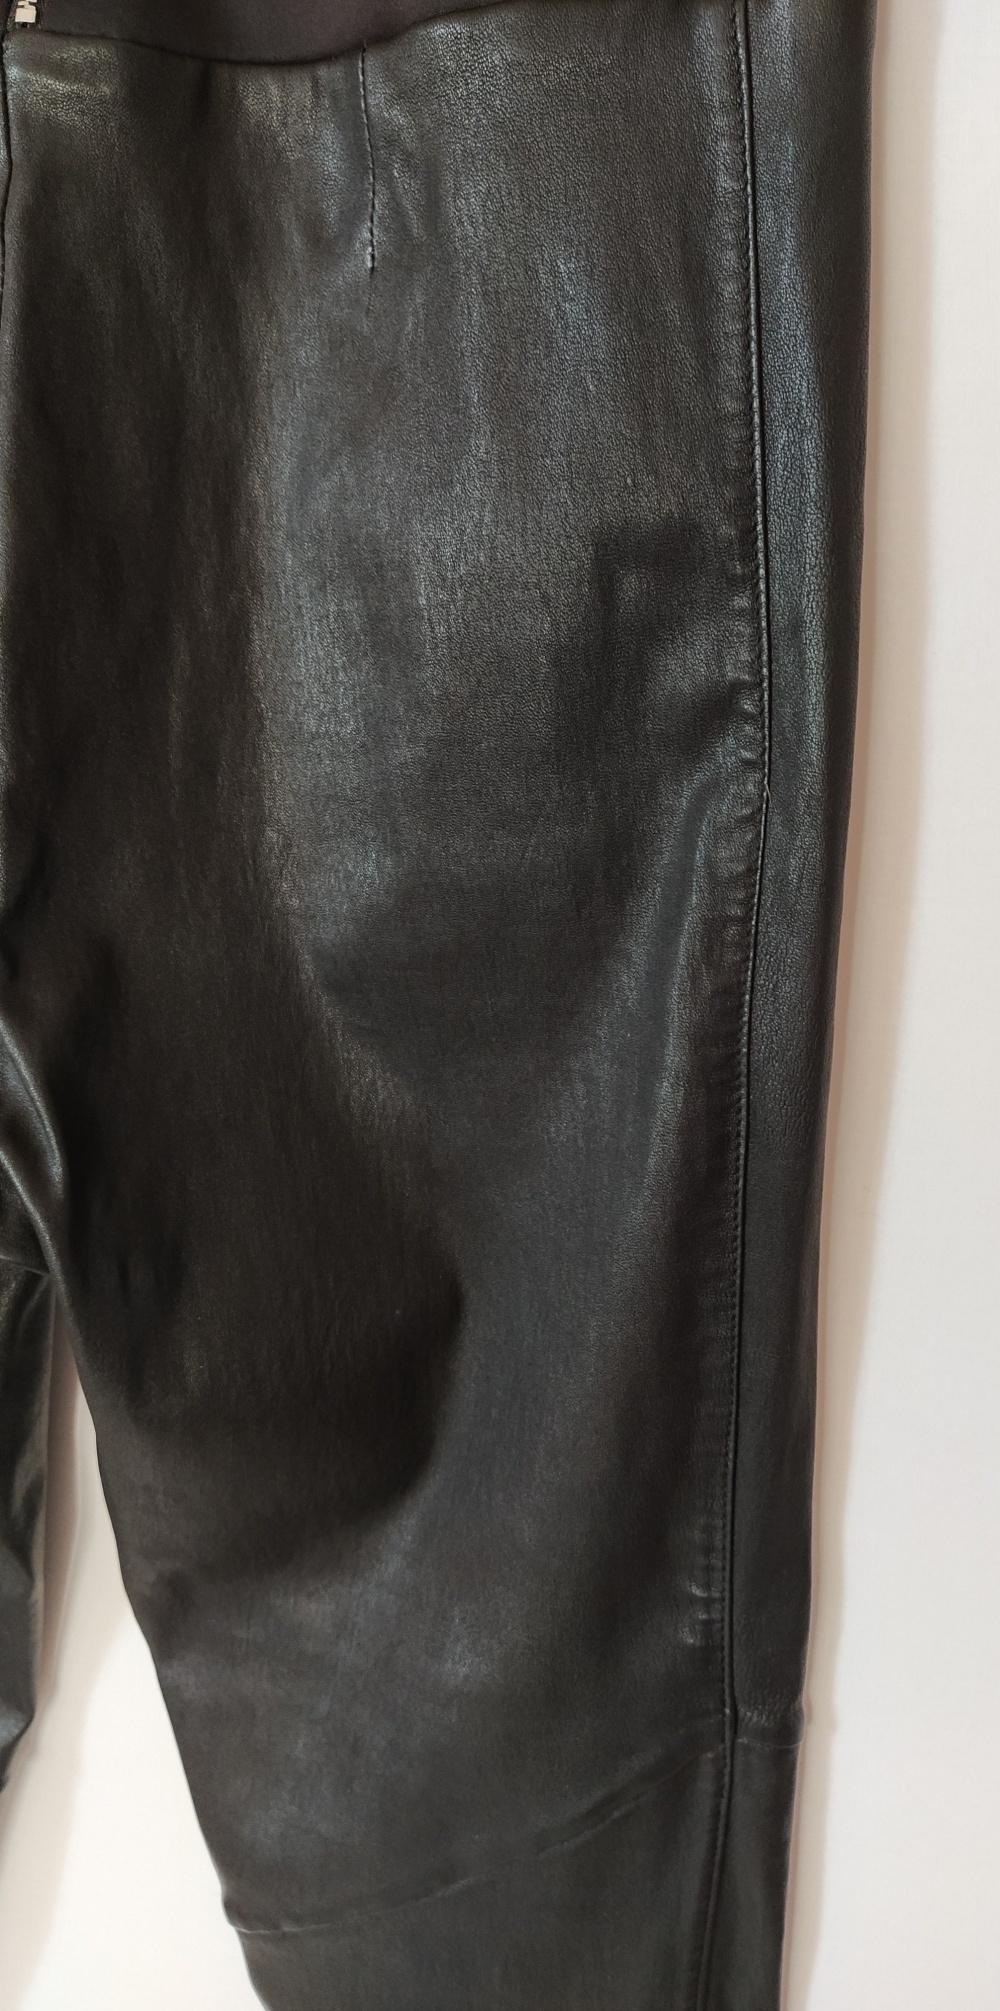 Кожаные брюки Muubaa, 48-50 размер